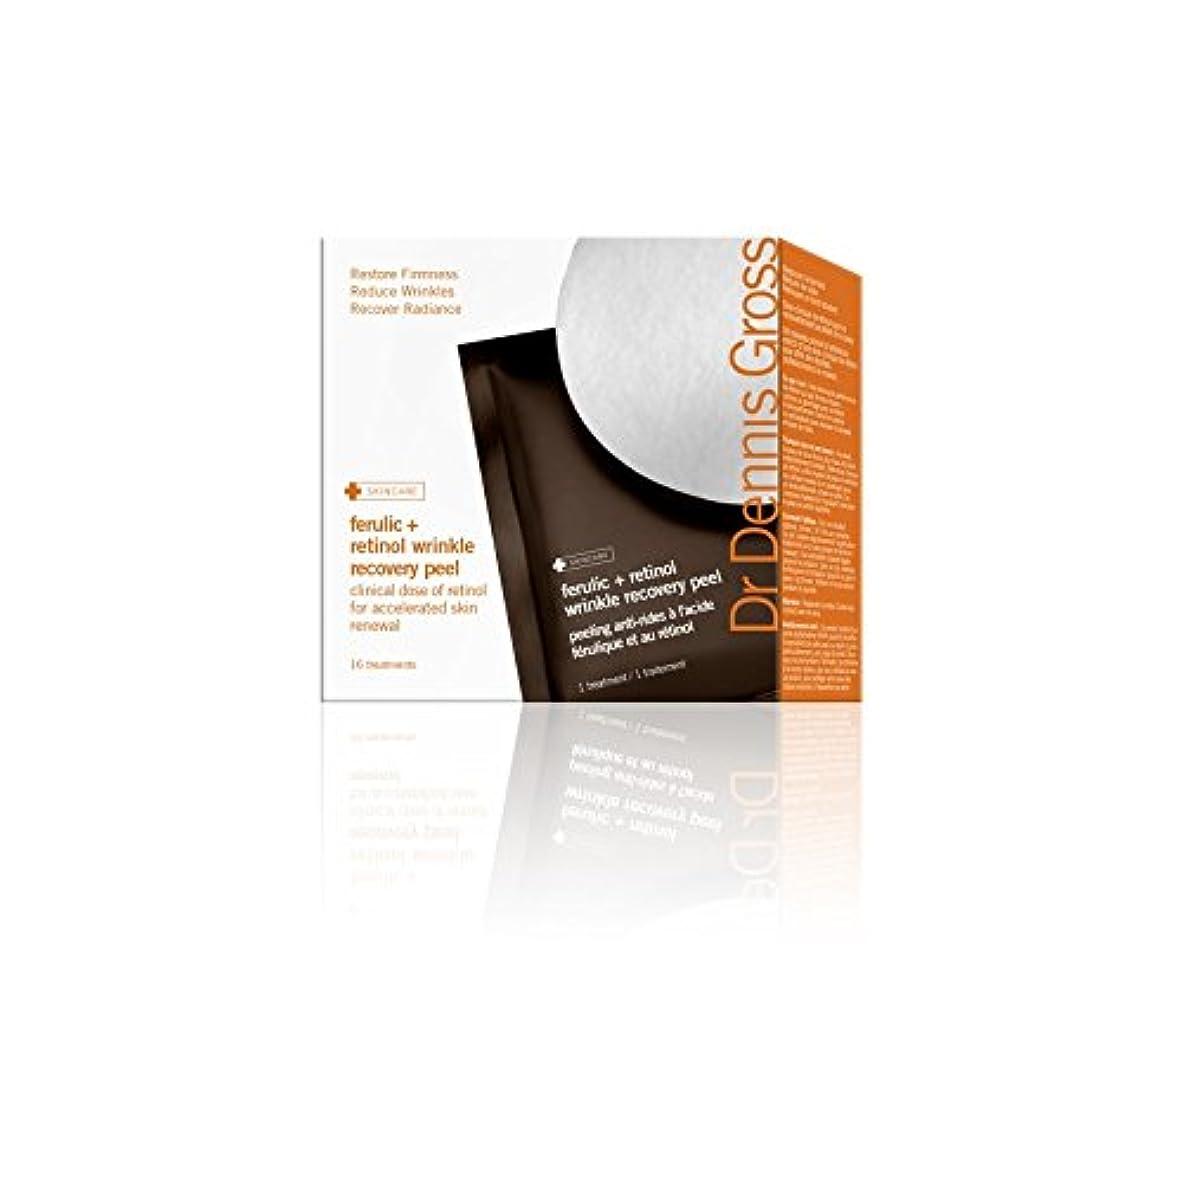 不名誉忌まわしい発行デニース?グロスフェルラとレチノールしわ回復の皮(16パック) x4 - Dr Dennis Gross Ferulic And Retinol Wrinkle Recovery Peel (16 Pack) (Pack of 4) [並行輸入品]